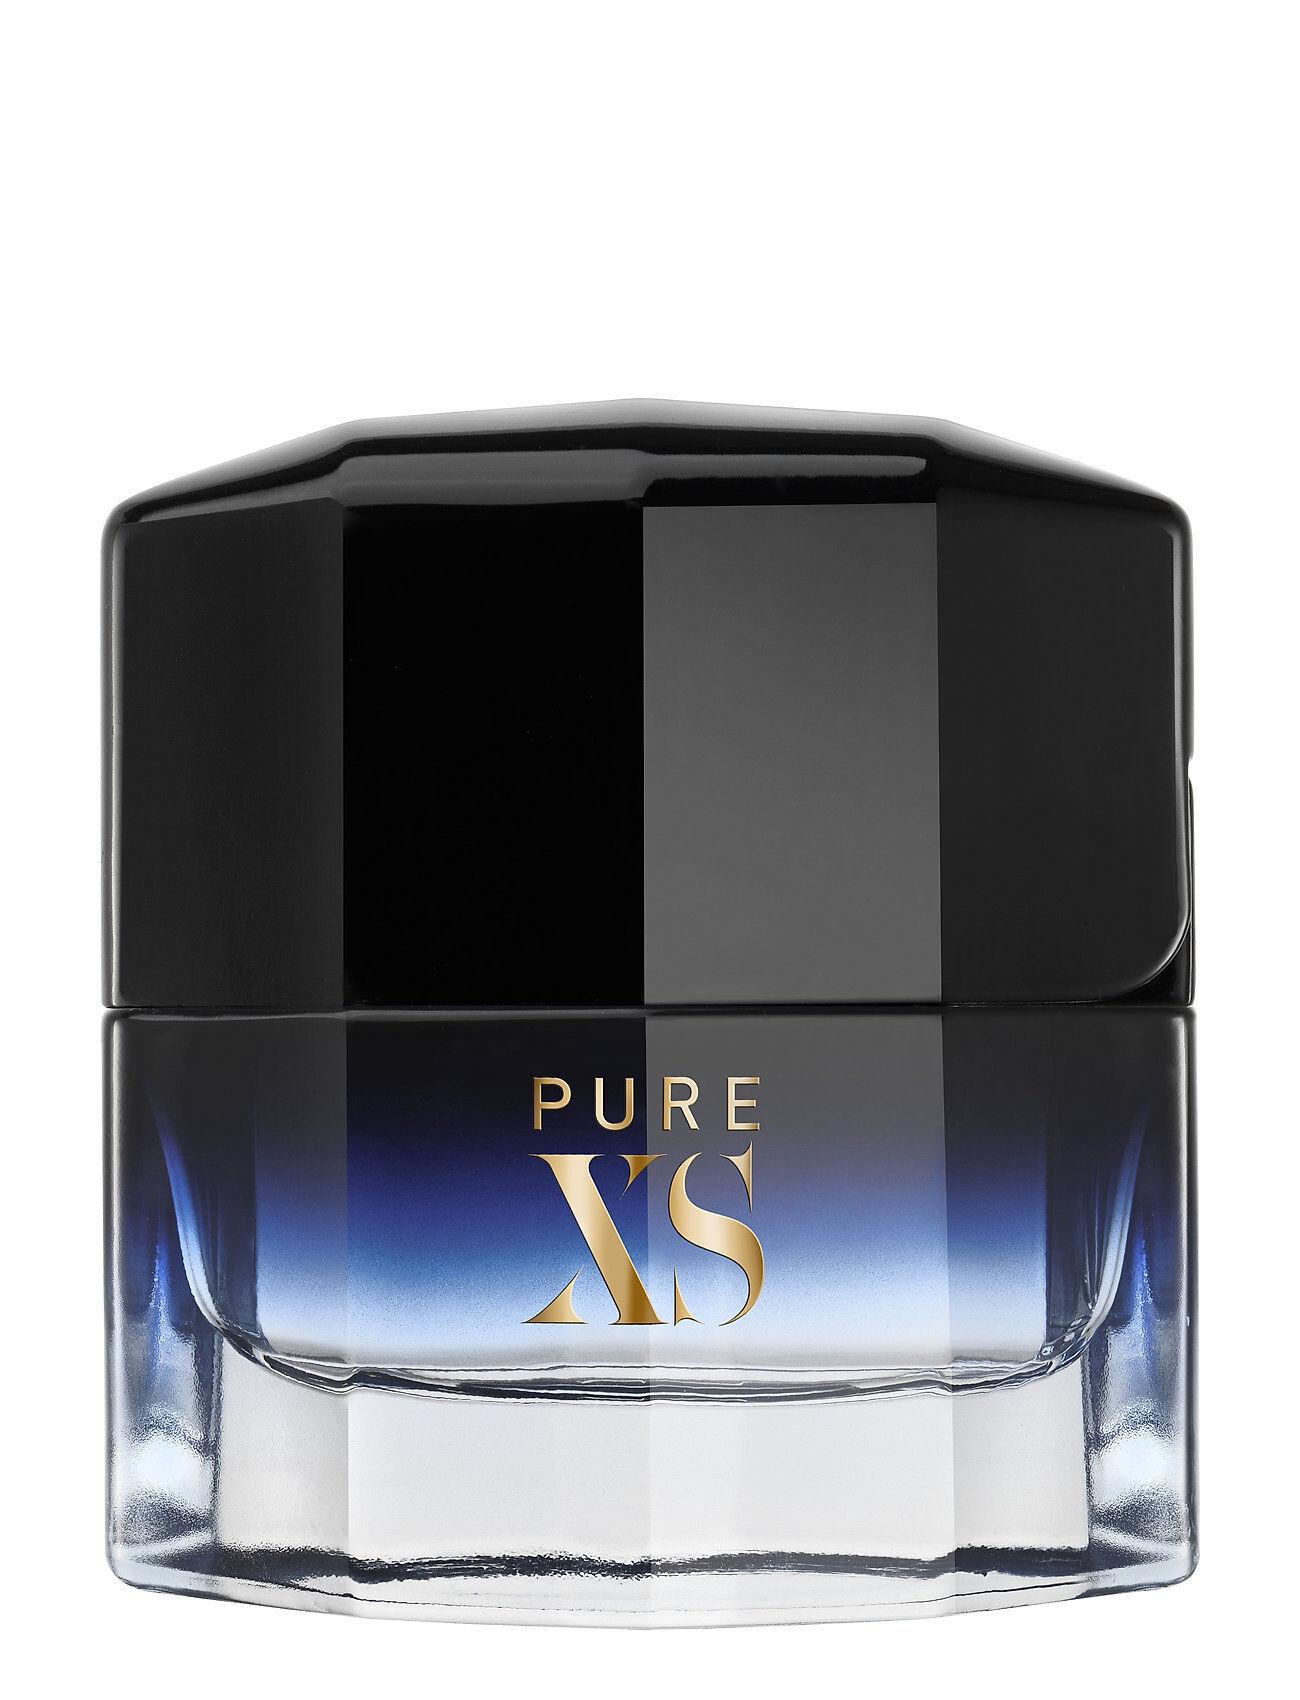 Image of Paco Rabanne Pure Xs Eau De Toilette Hajuvesi Eau De Parfum Nude Paco Rabanne